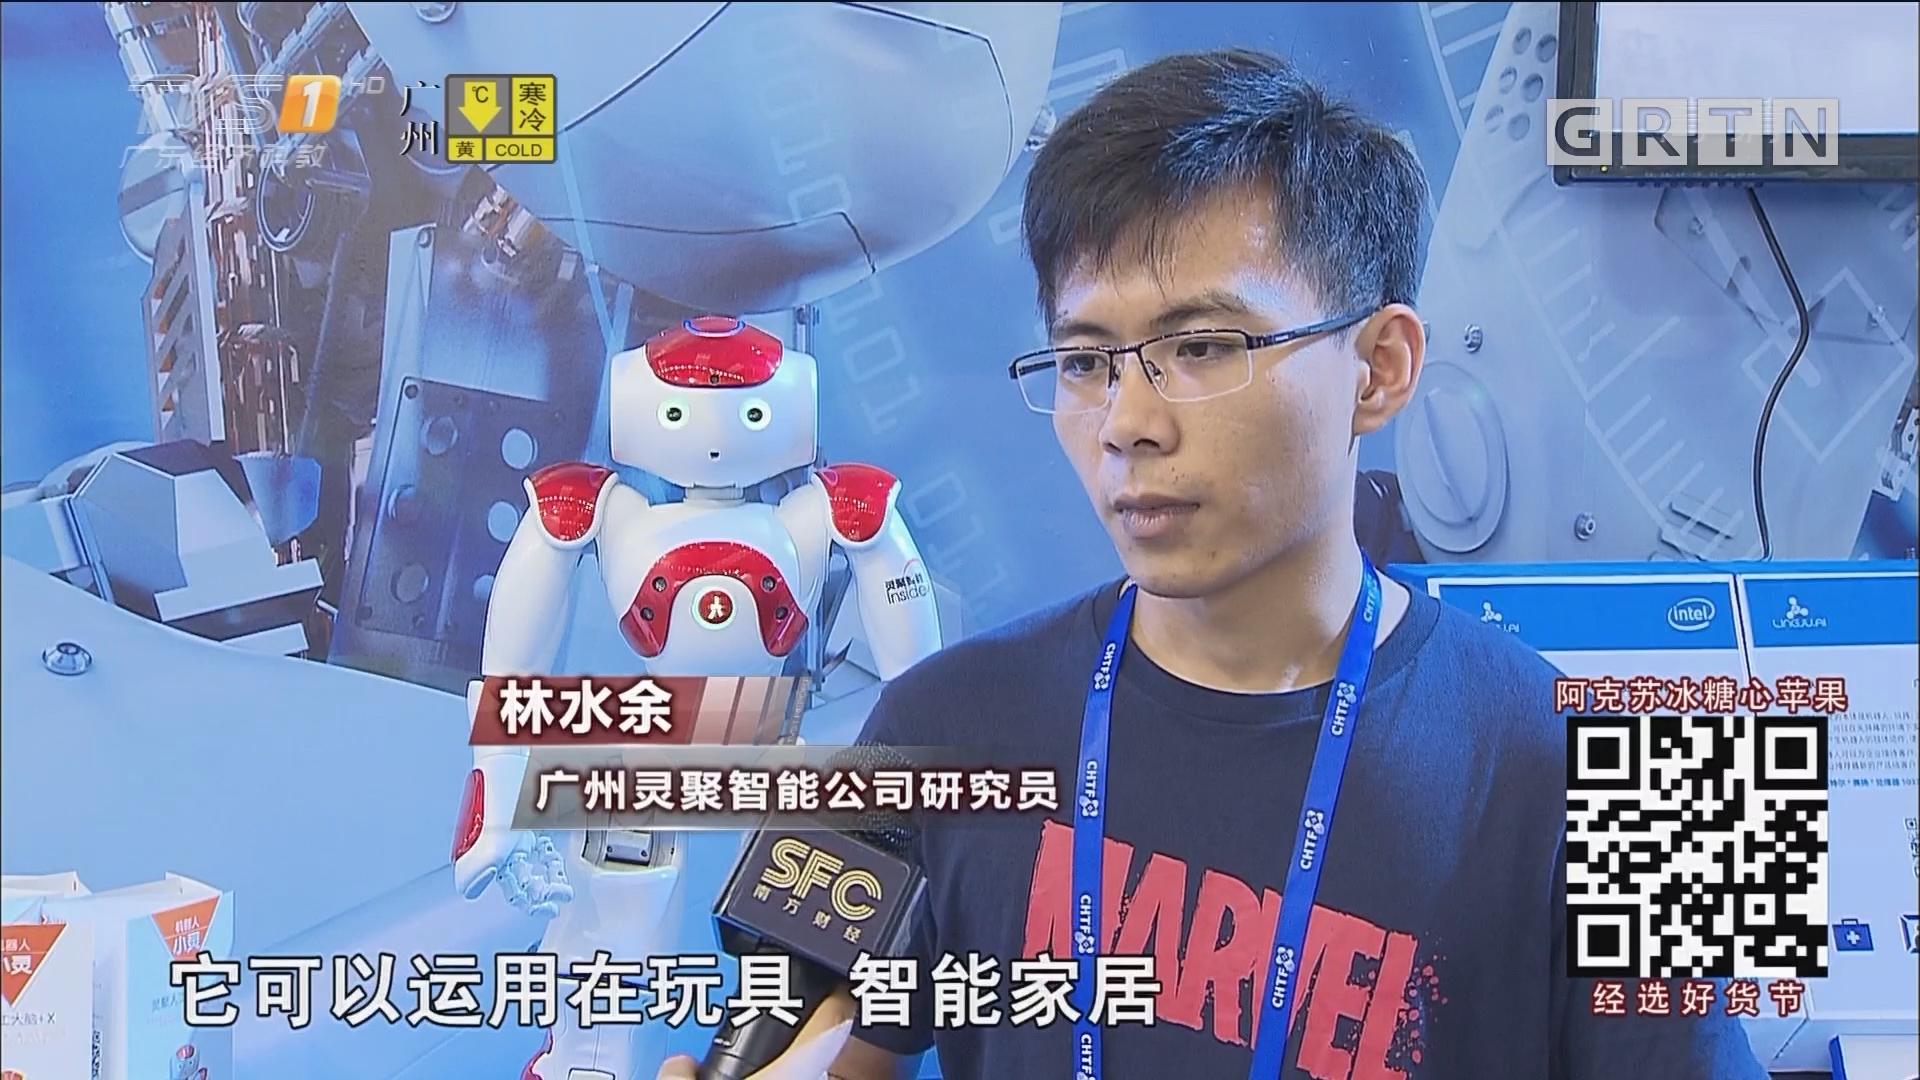 探营高交会:人工智能引领新时代技术革命